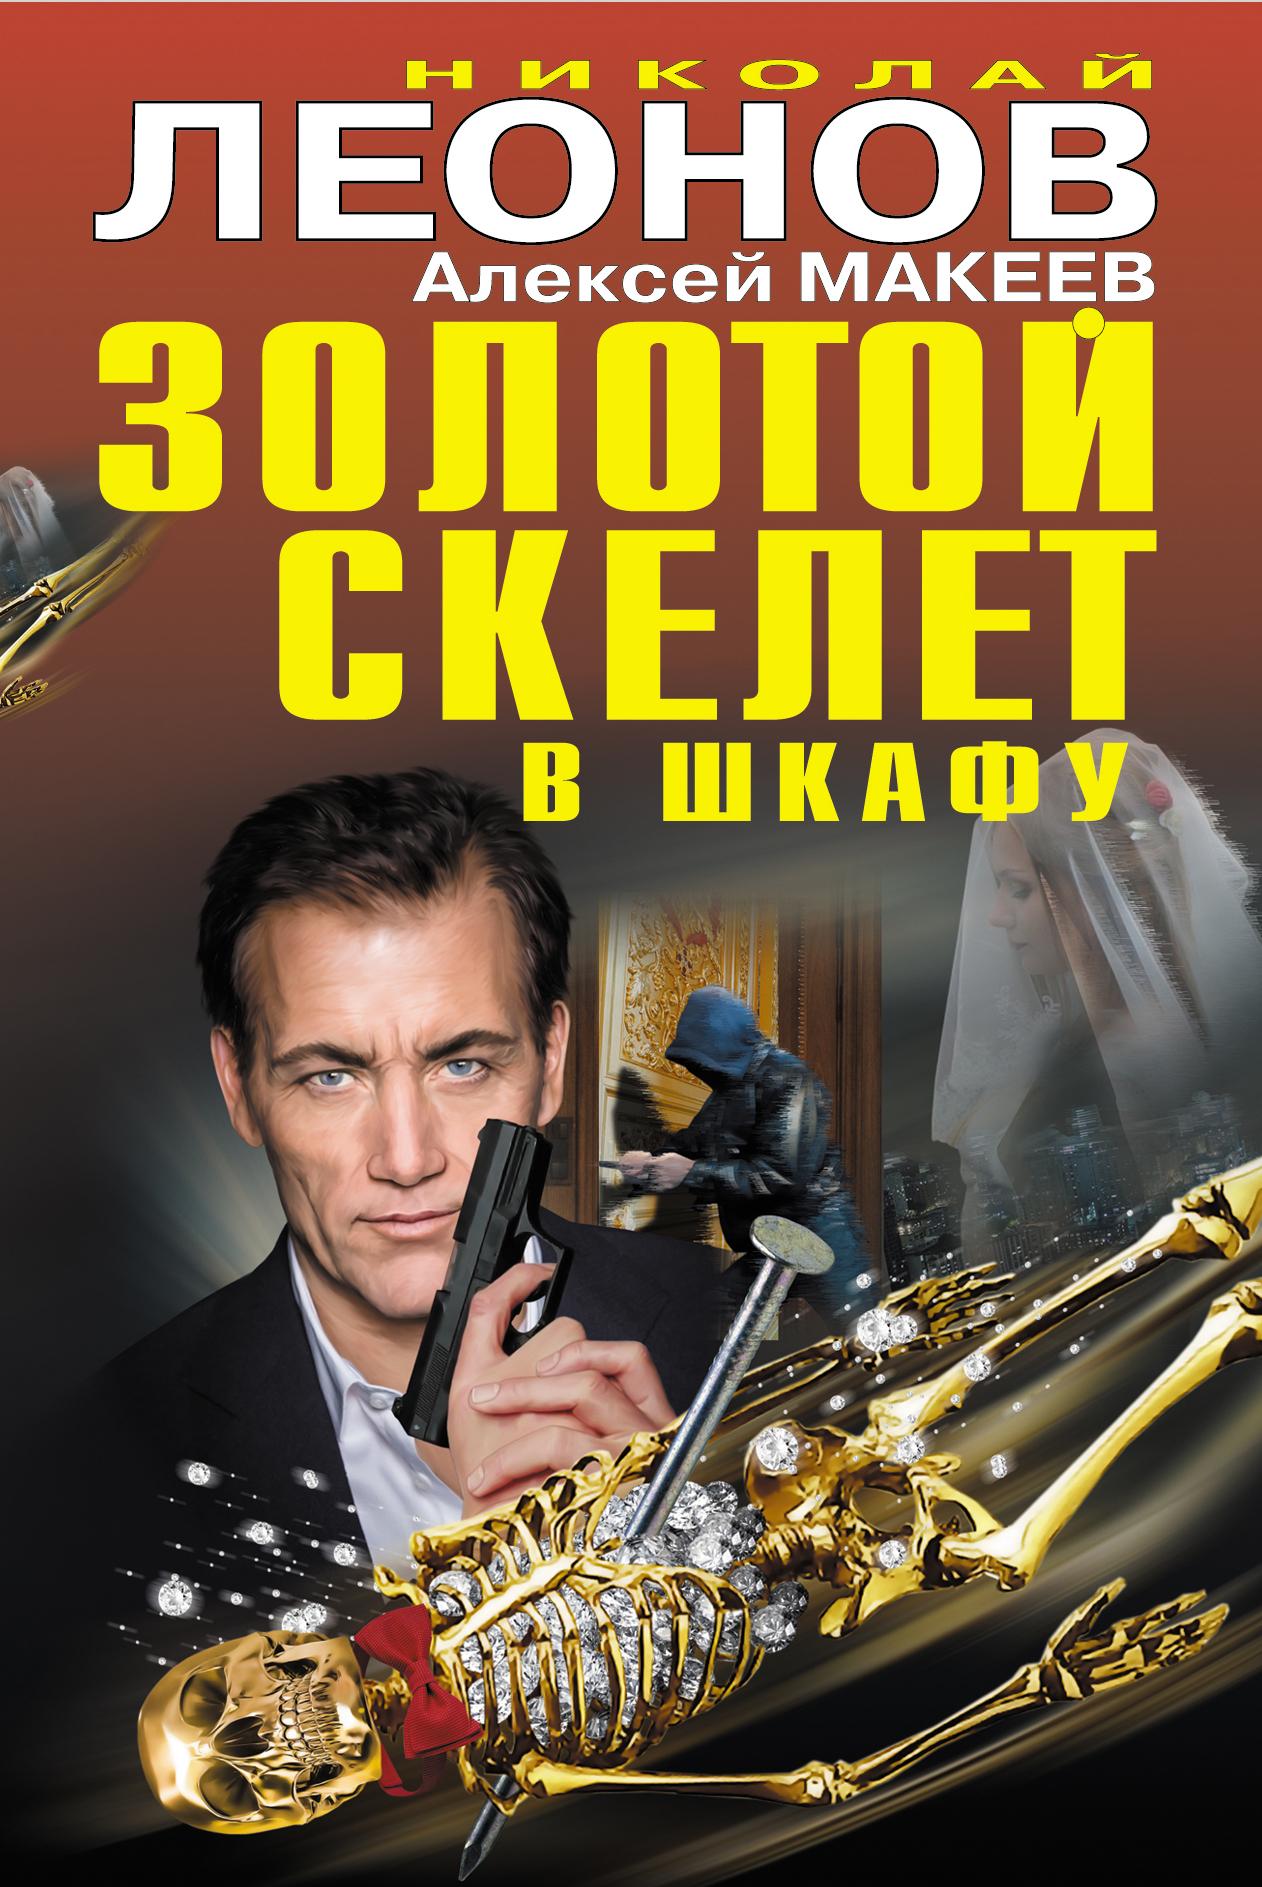 Золотой скелет в шкафу_Николай Леонов